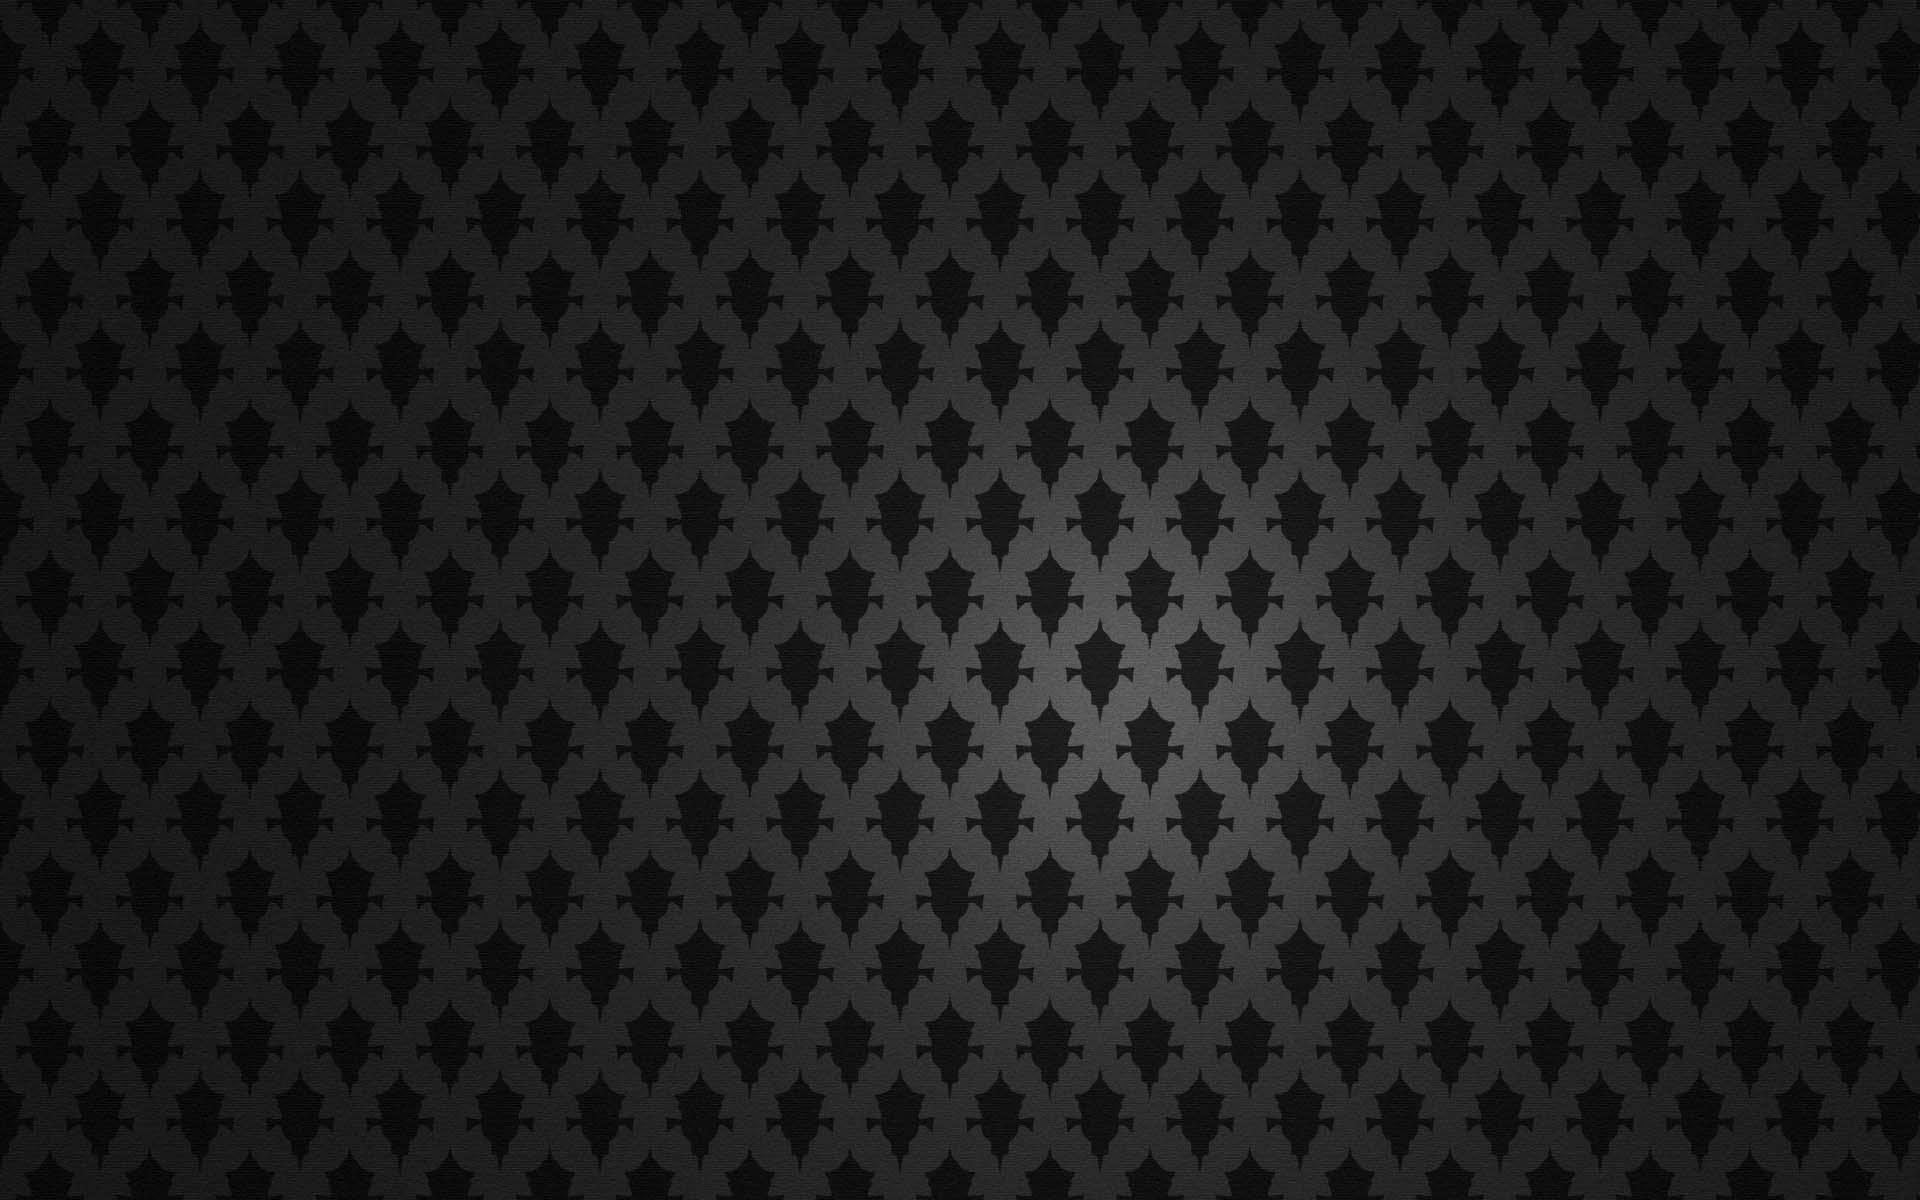 Hình nền đen cực đẹp